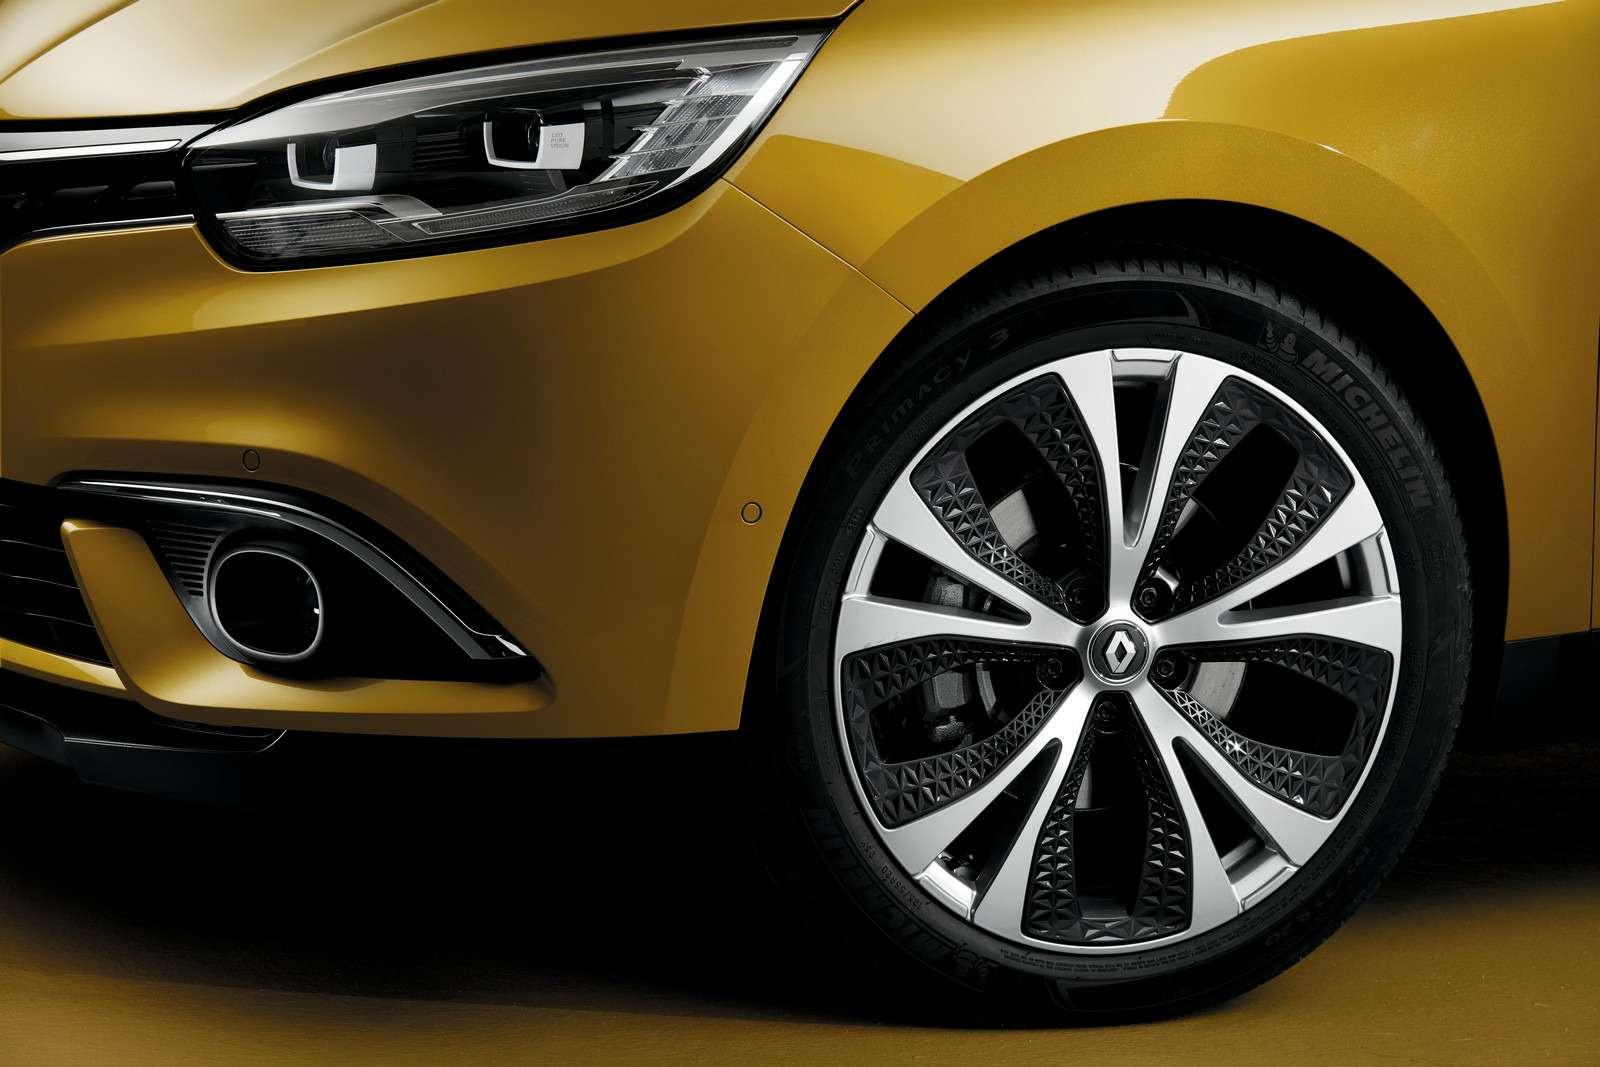 Renault_75994_global_en